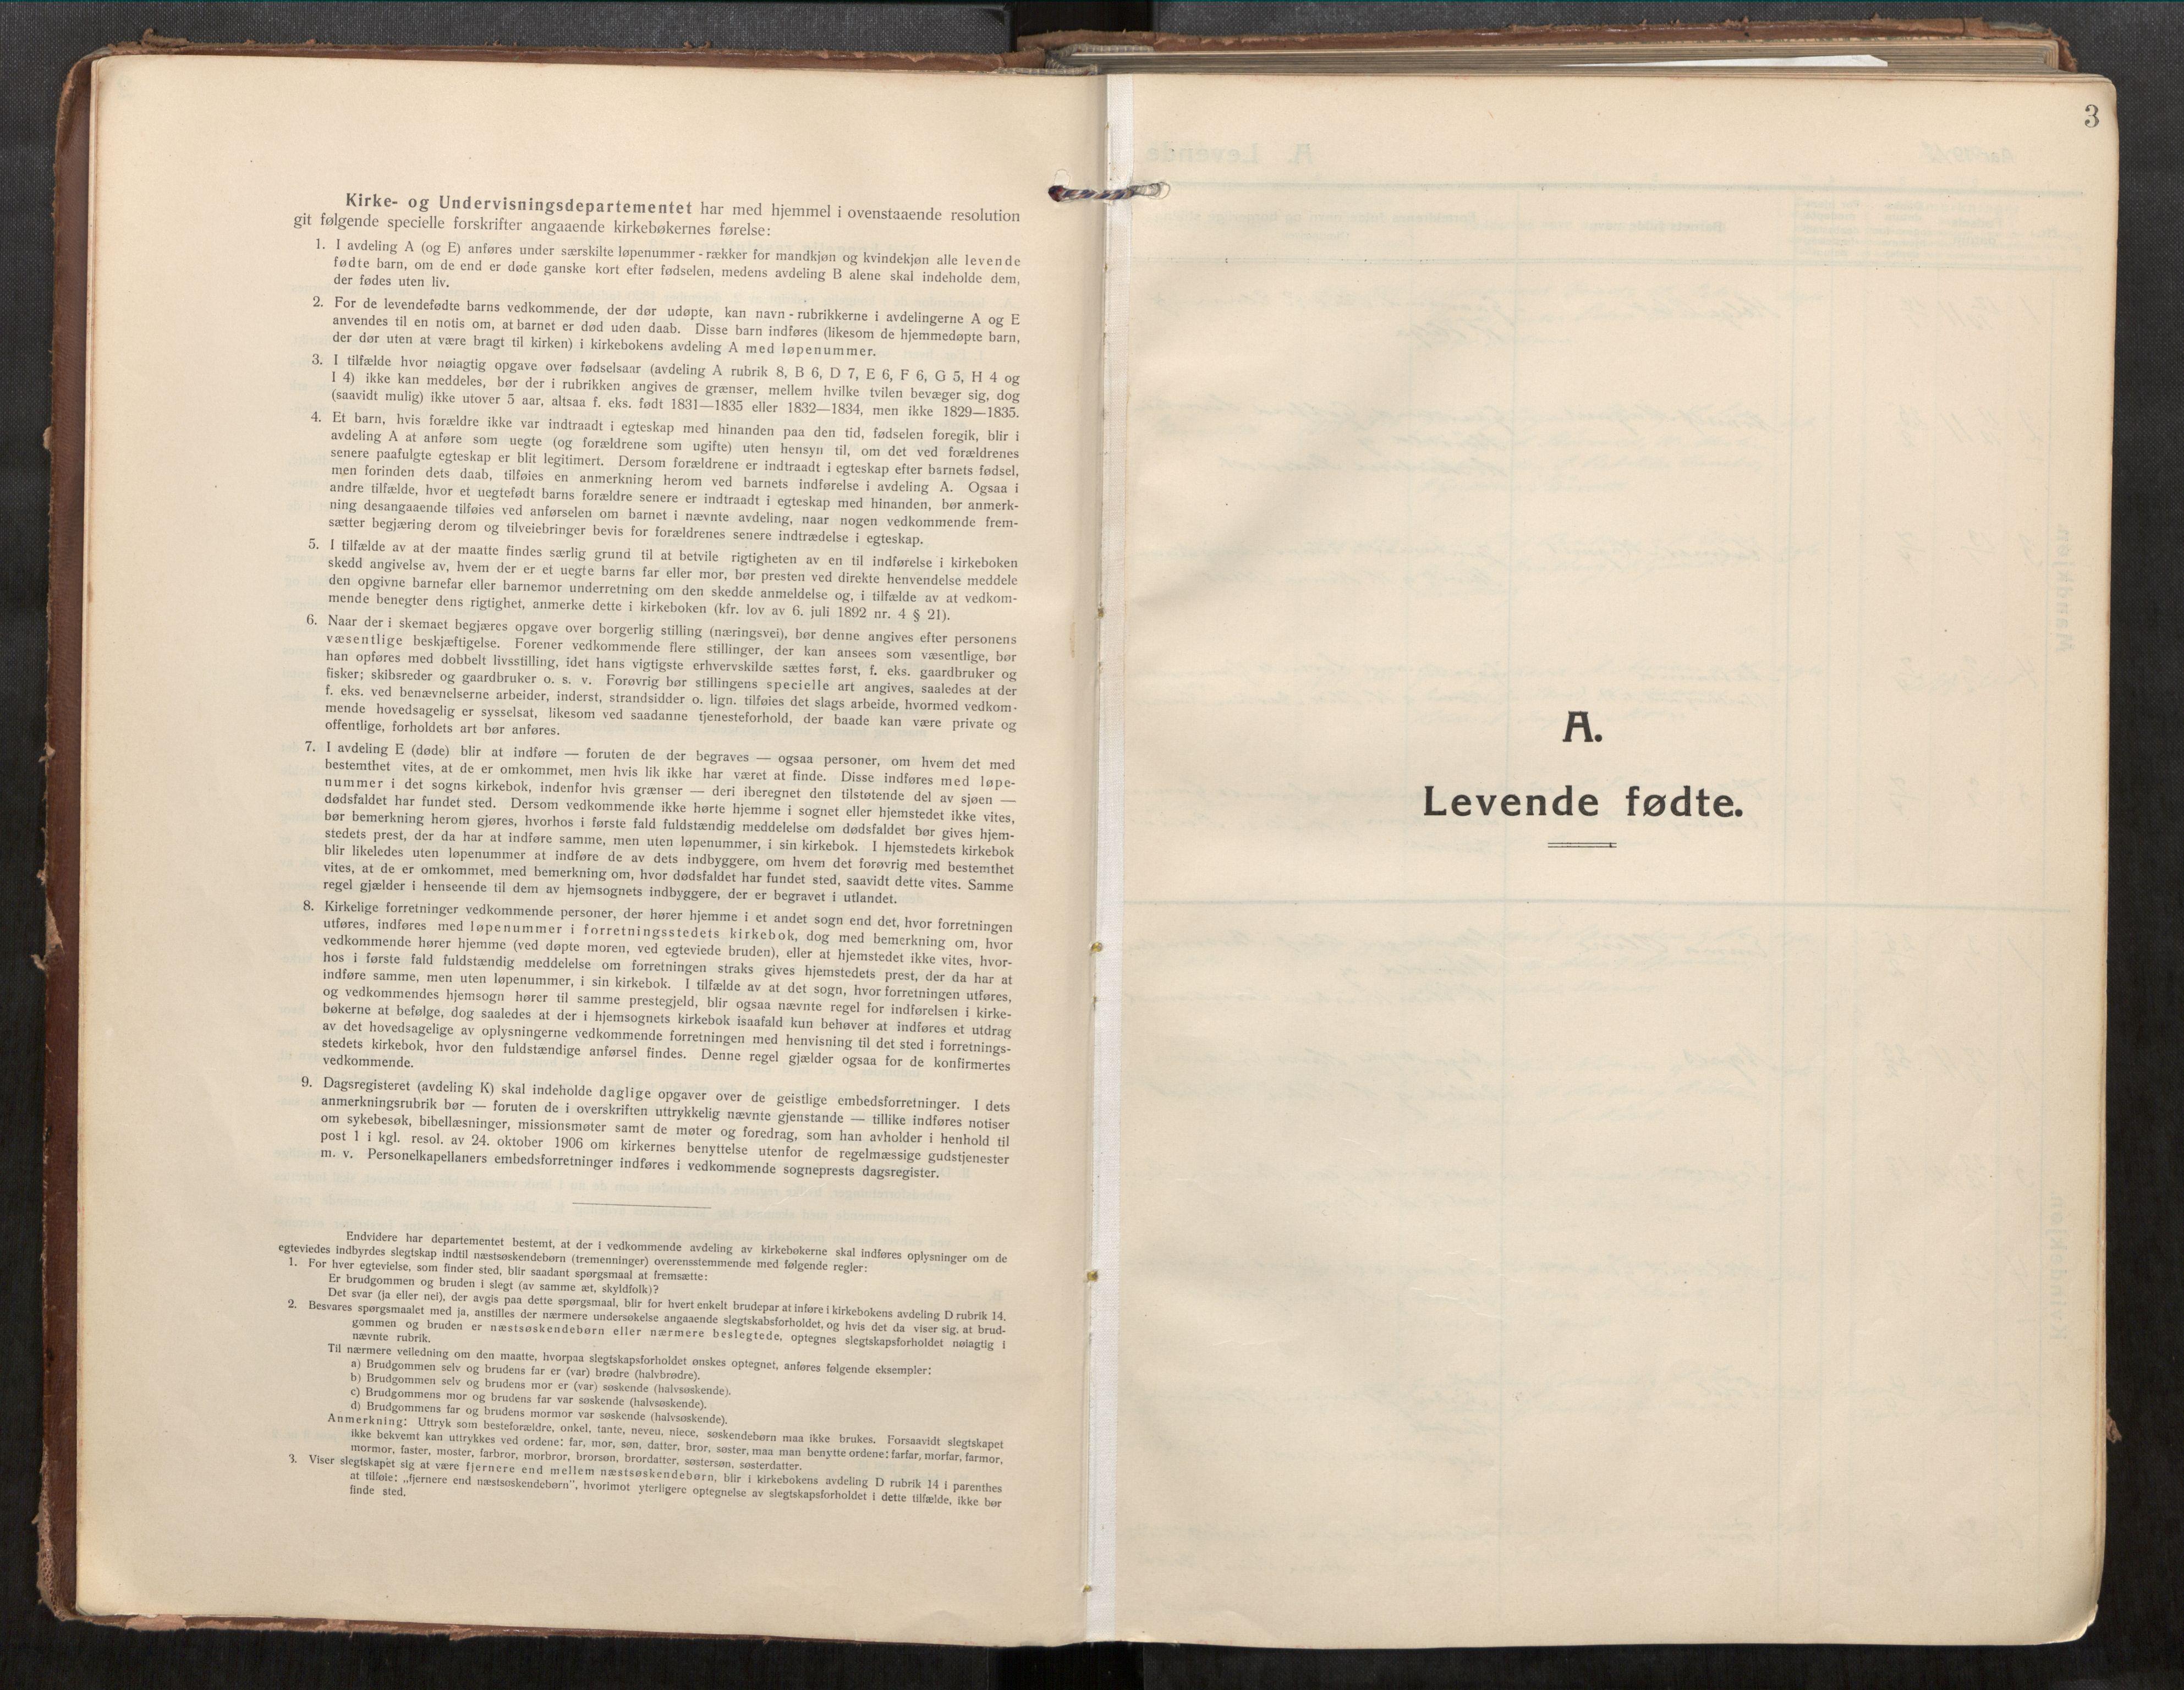 SAT, Beitstad sokneprestkontor, I/I1/I1a/L0001: Parish register (official) no. 1, 1912-1927, p. 3